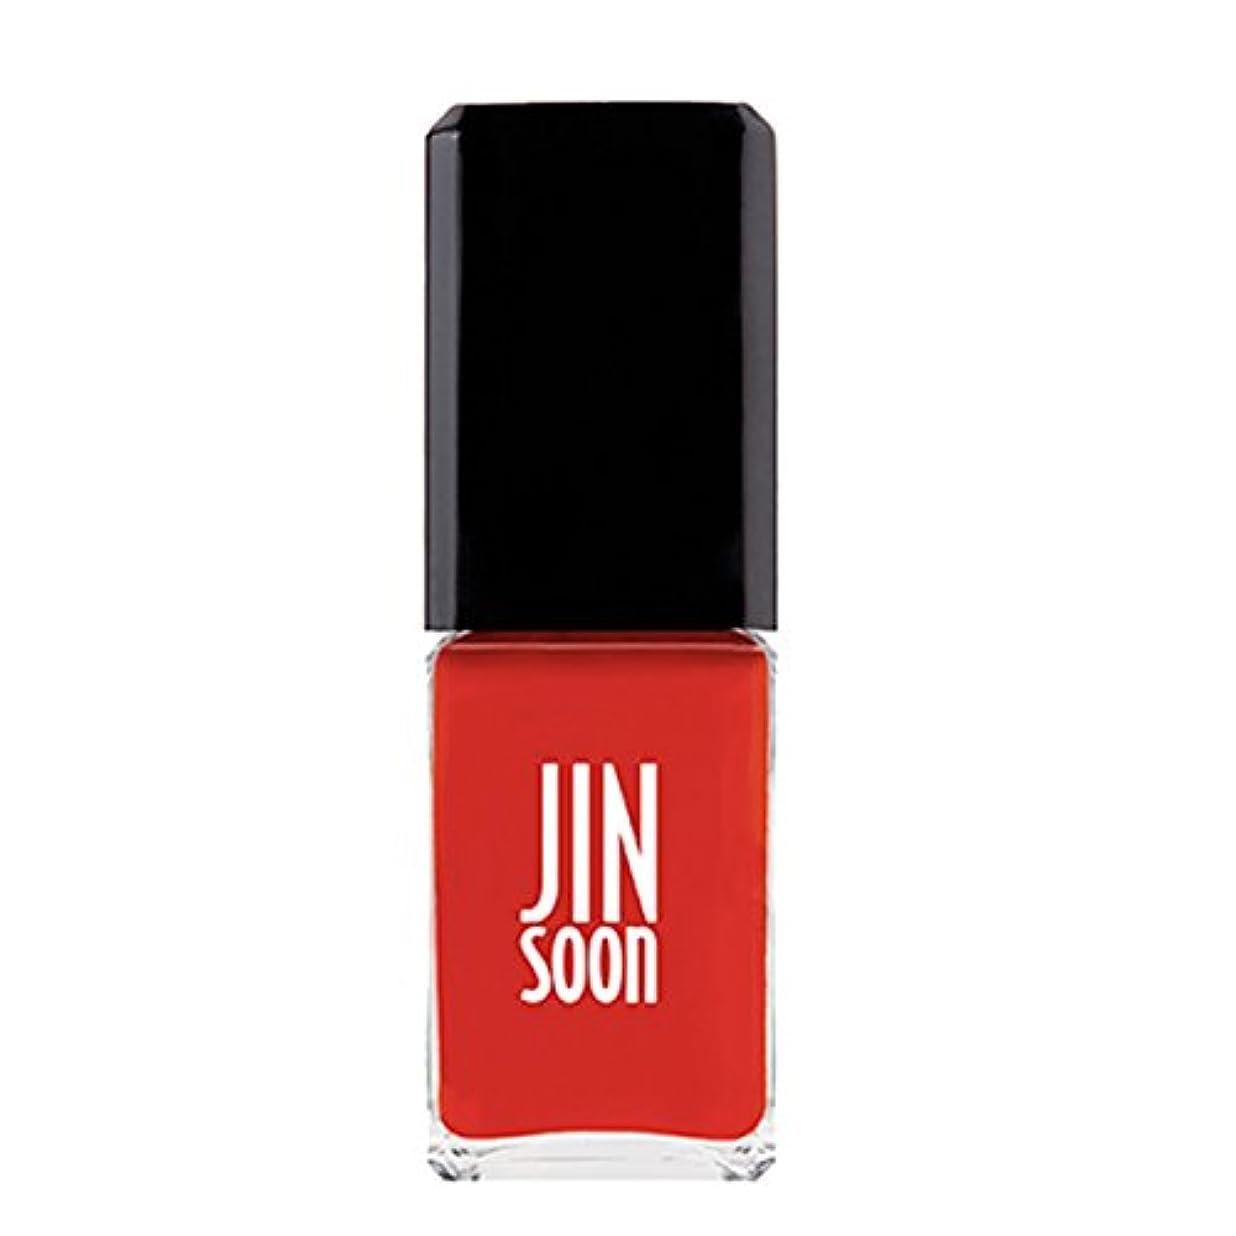 過度に赤外線してはいけません[ジンスーン] [ jinsoon] ポップ?オレンジ(ホットオレンジ) POP ORANGE ジンスーン 5フリー ネイルポリッシュ【オレンジ】 11mL